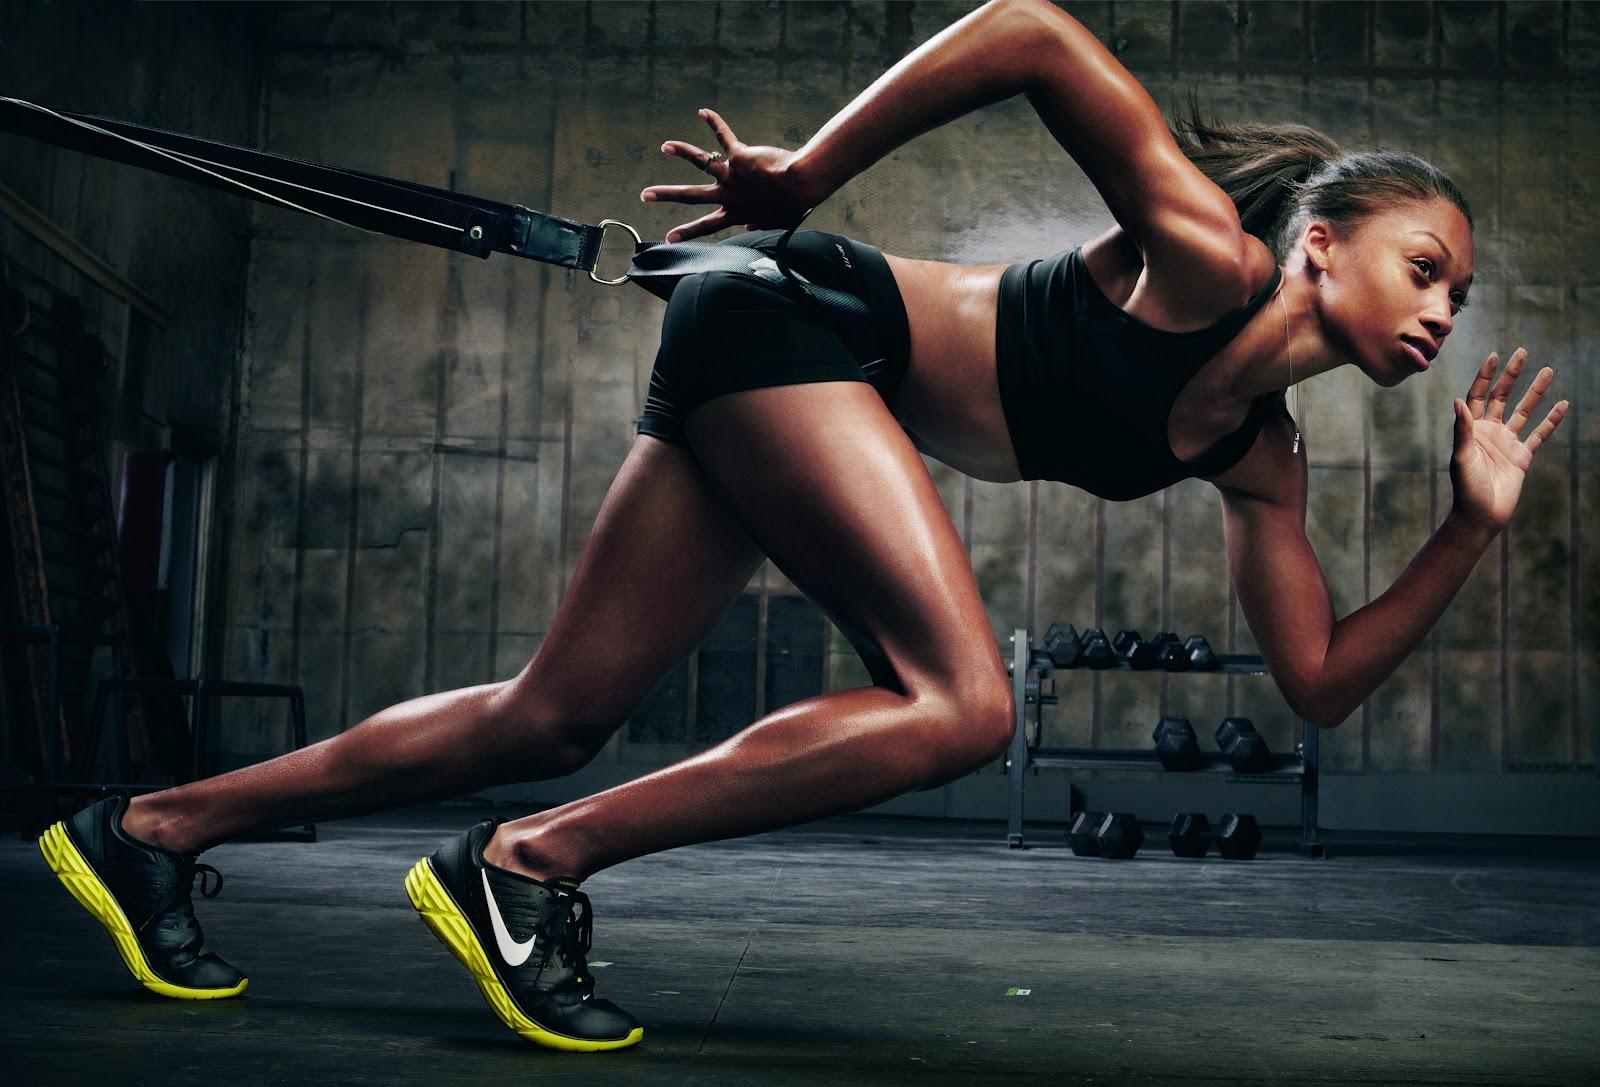 Фото спорт реклама девушки